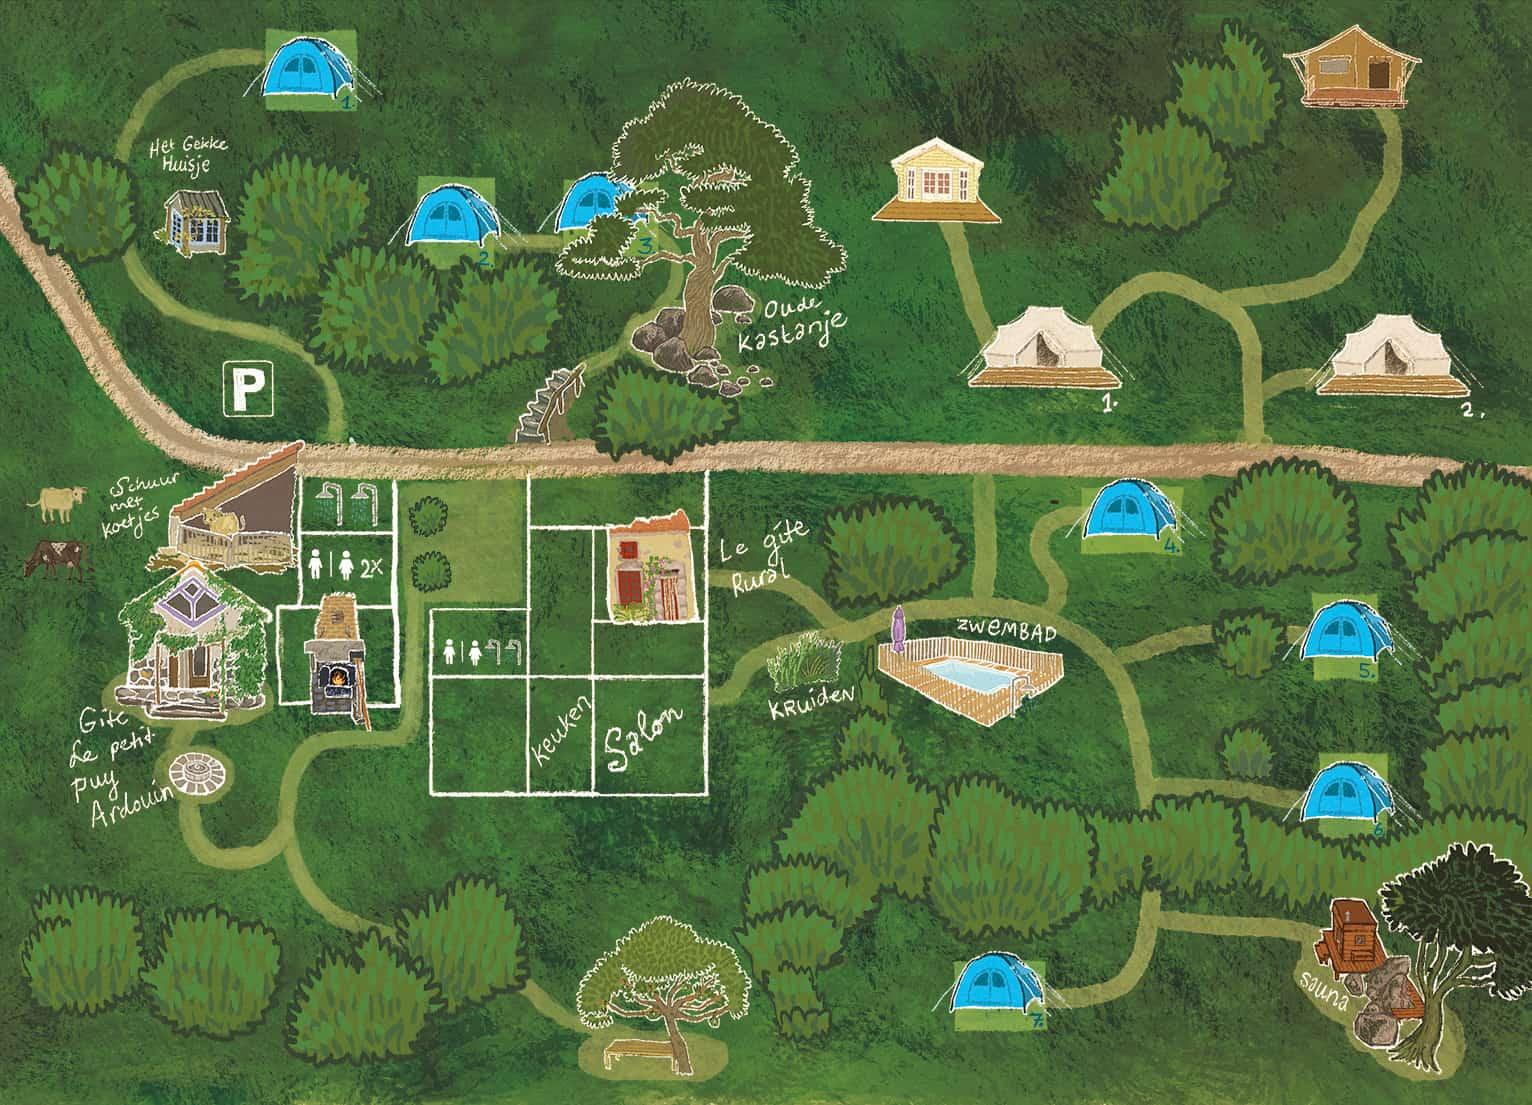 Getekende 3d overzichtskaart van het terrein.